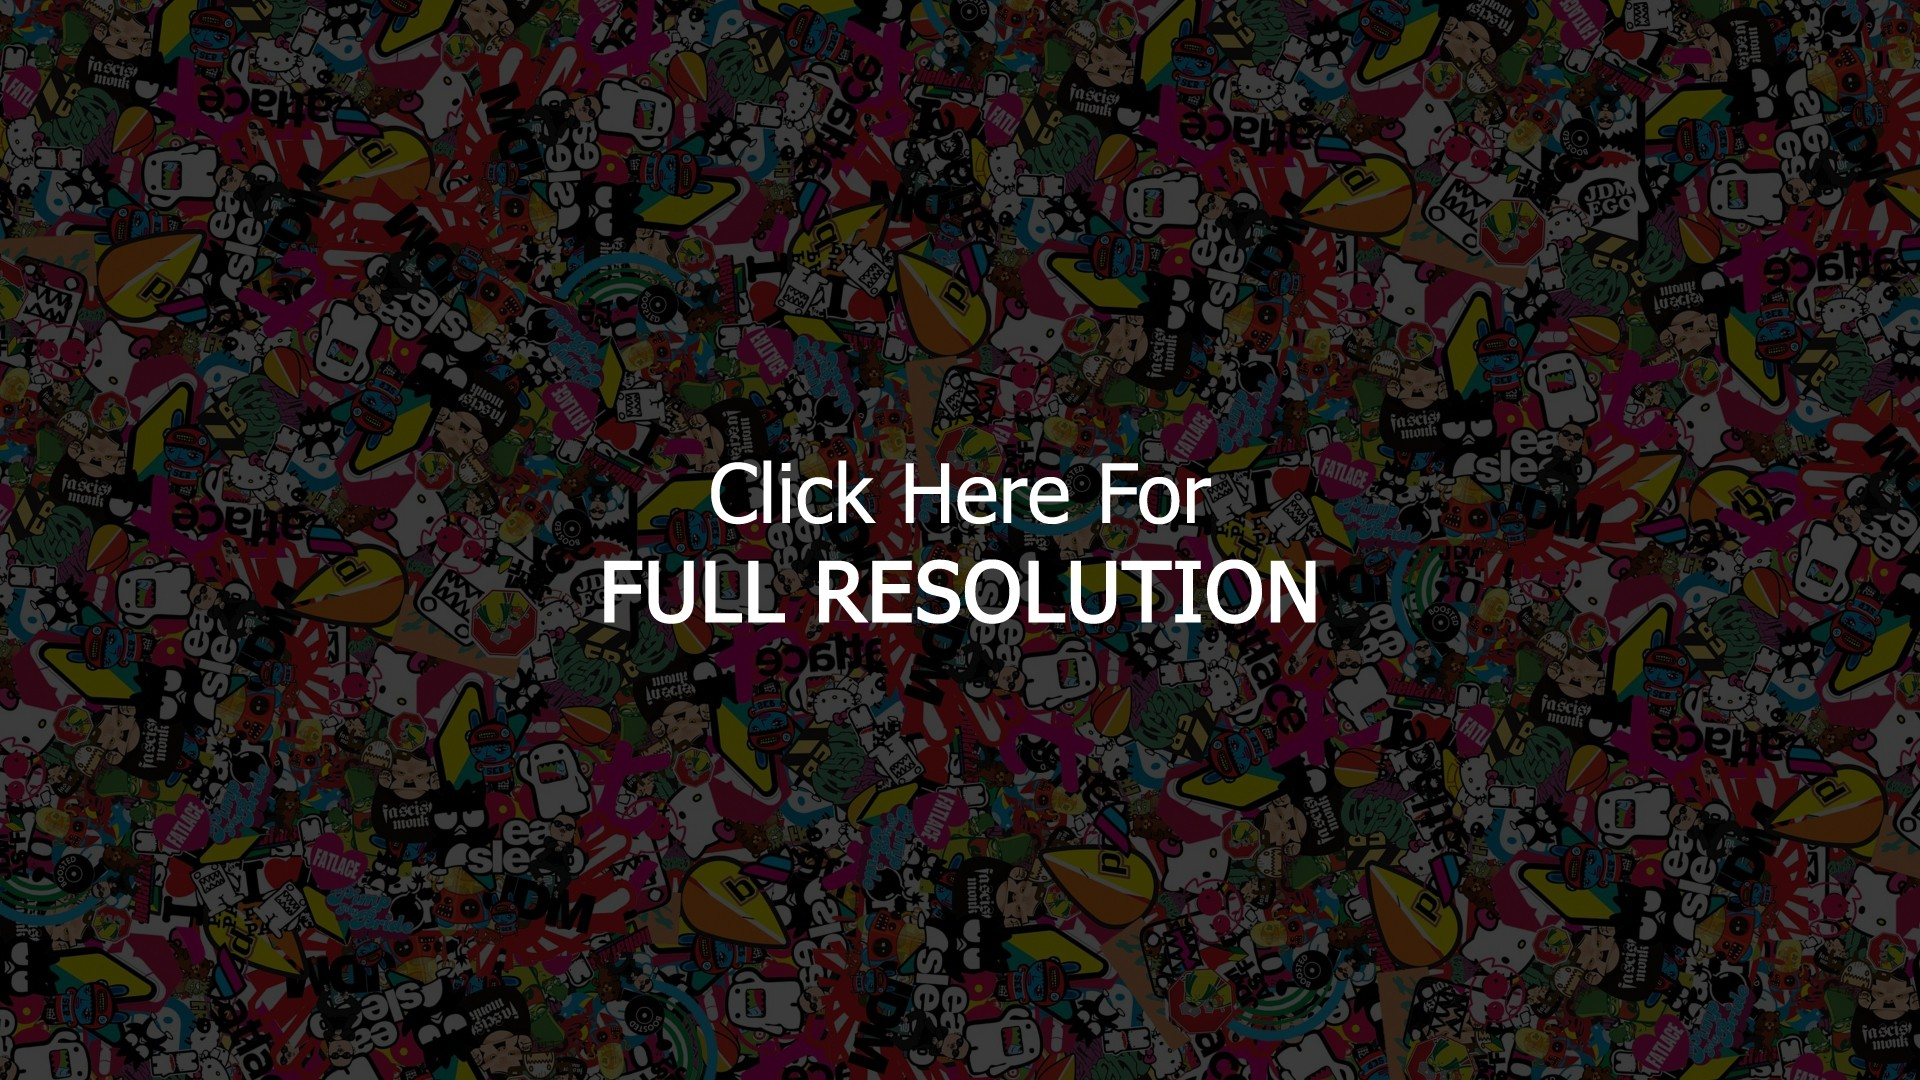 Jdm Sticker Bomb Wallpaper 227 Download 500